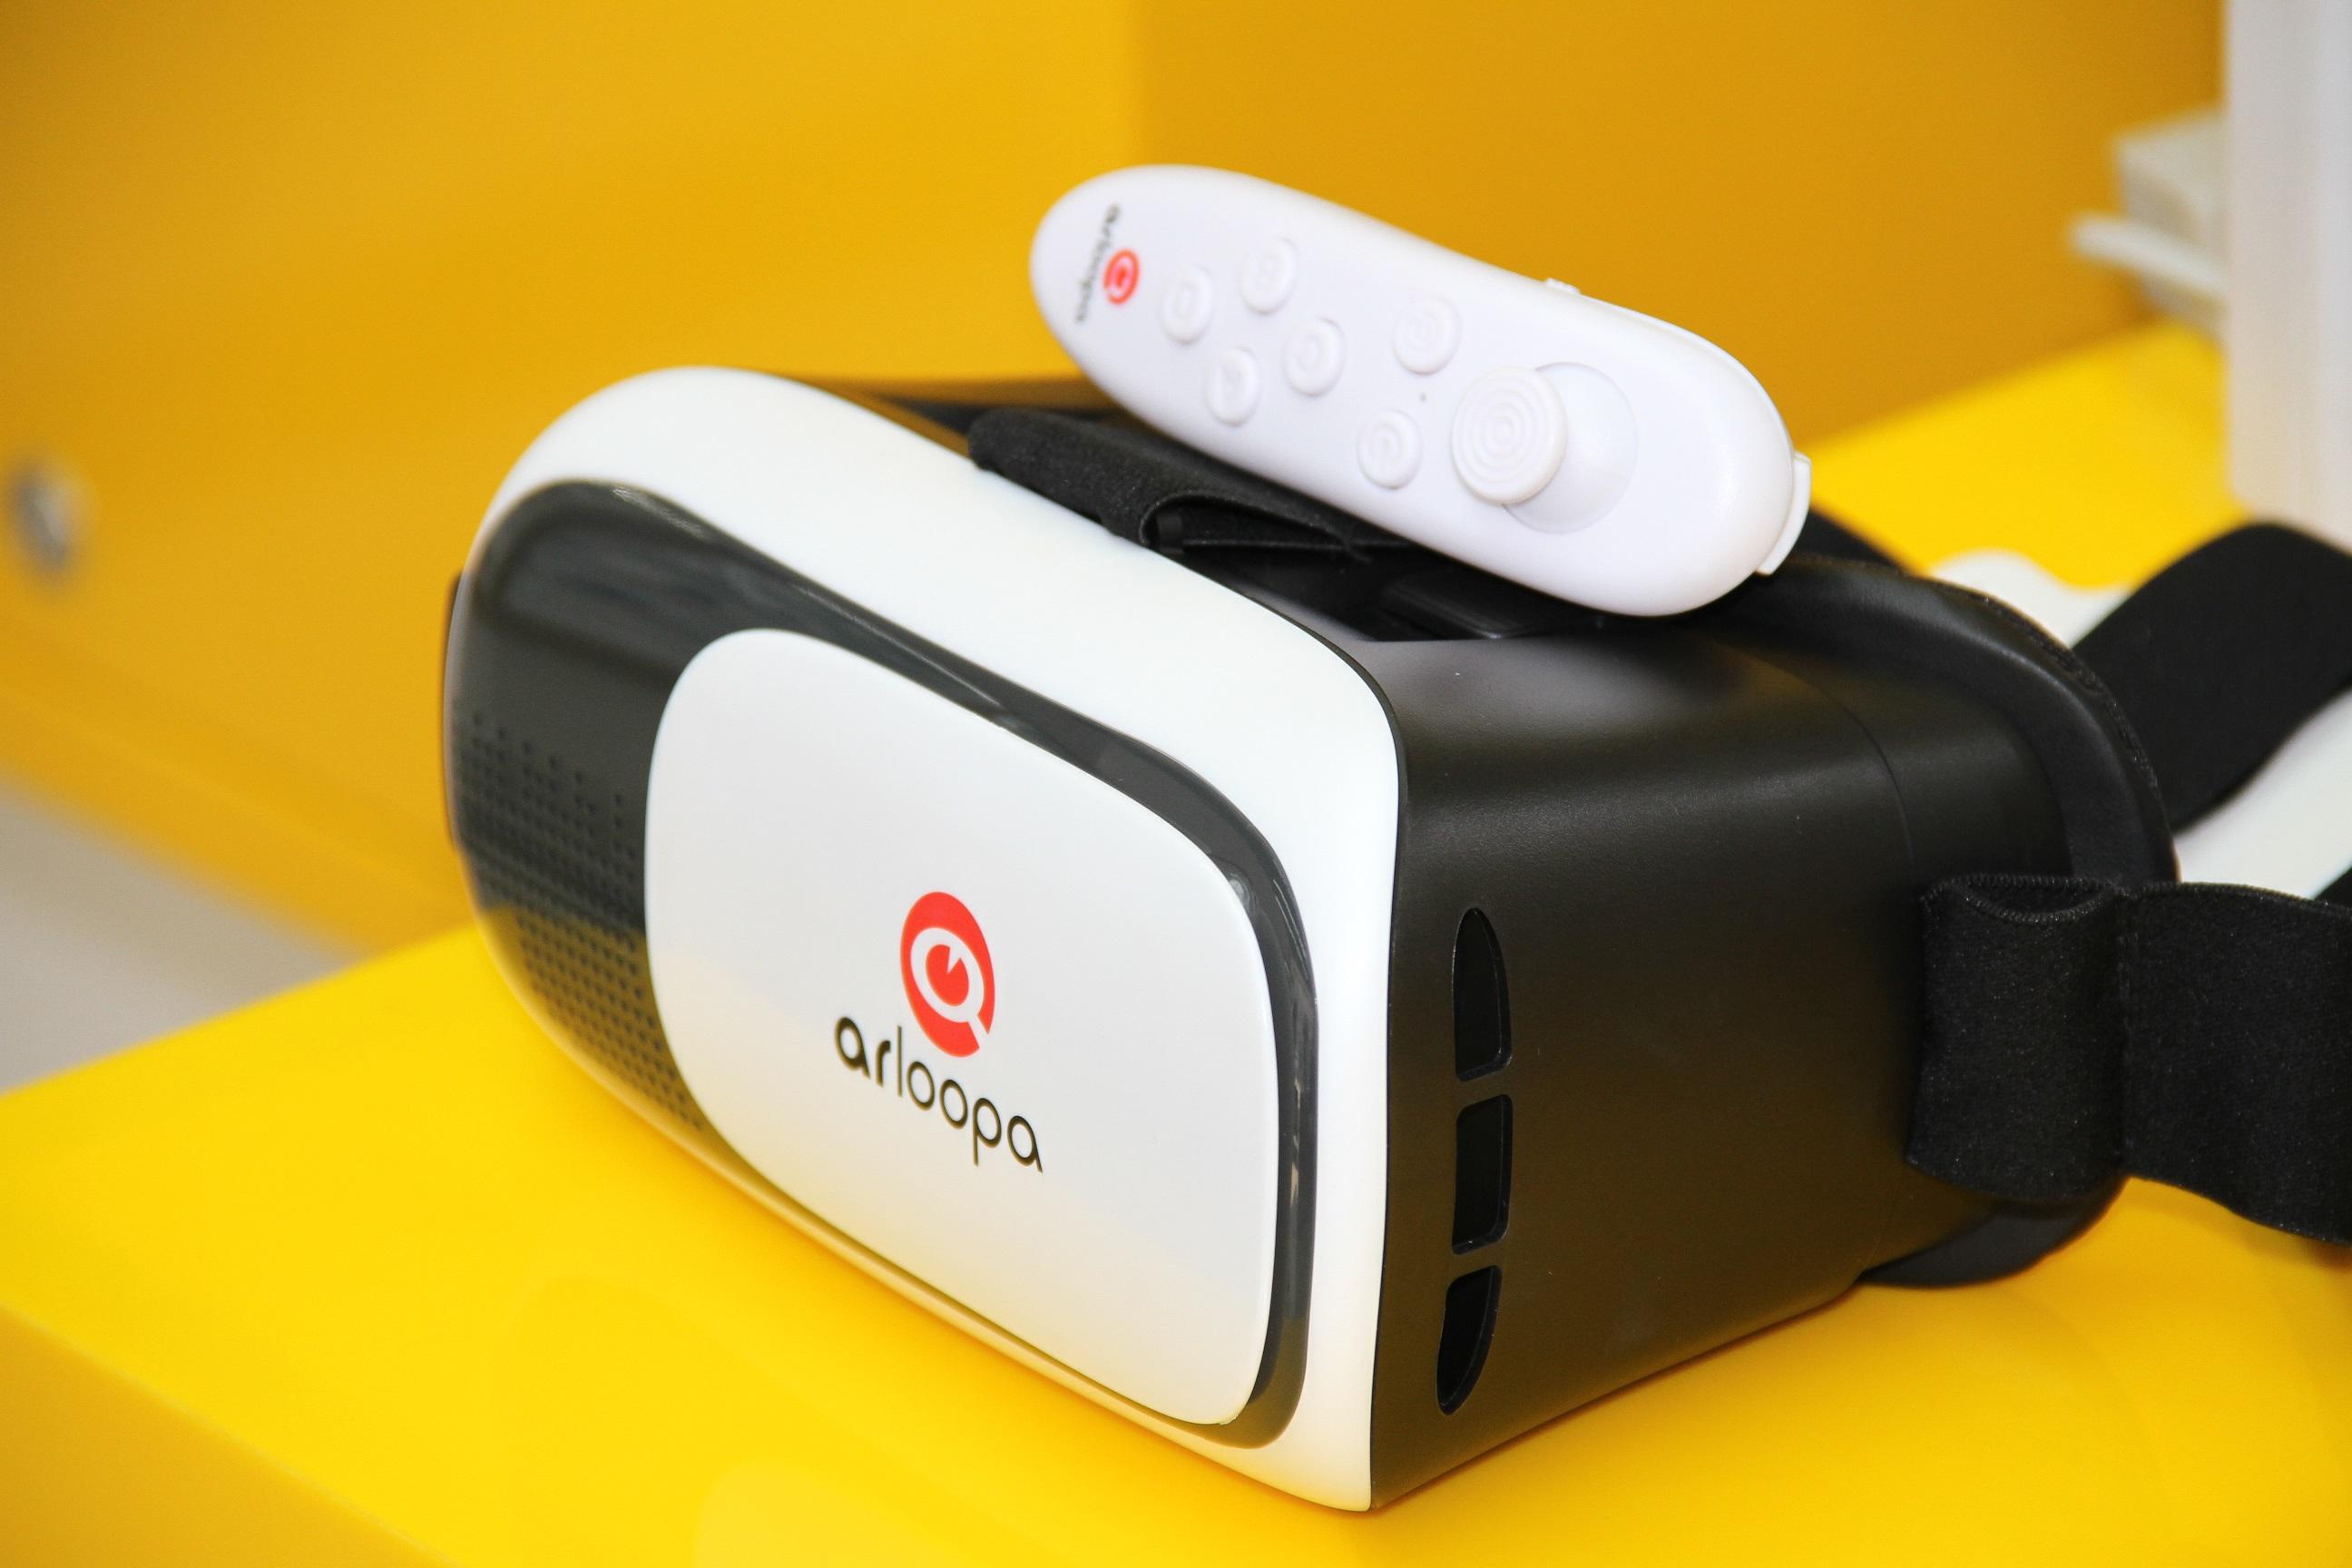 Մեկնարկել է ARLOOPA VR վիրտուալ իրականության ակնոցների վաճառքը